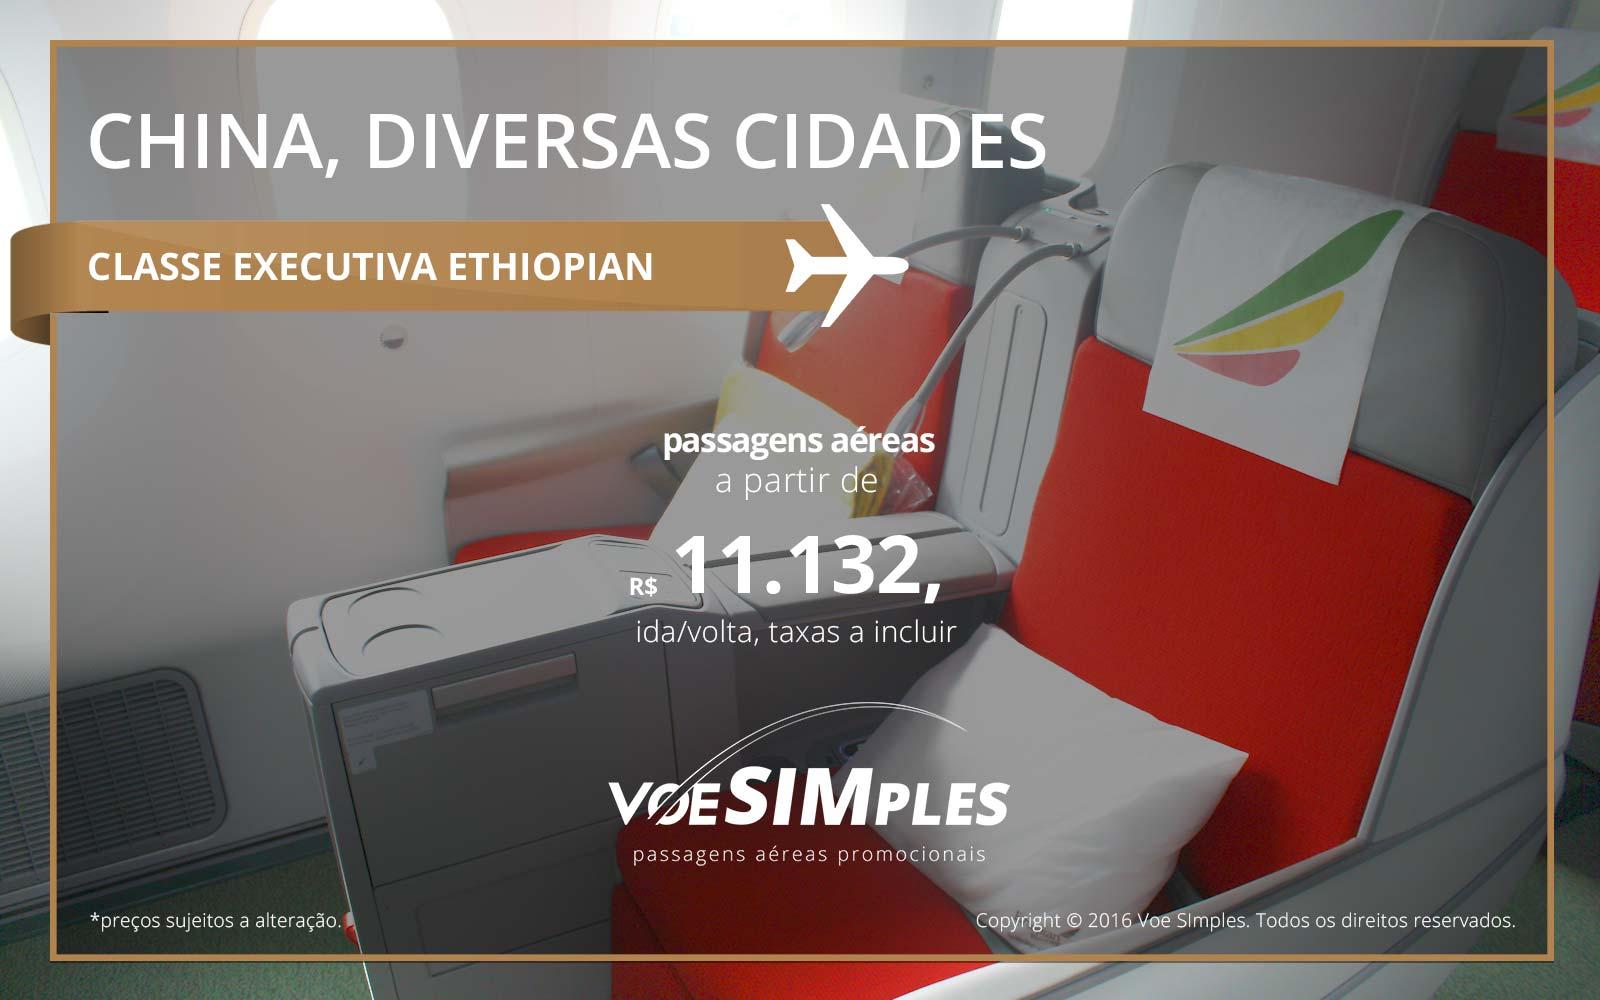 Passagem aérea Classe Executiva Ethiopian Airlines para China